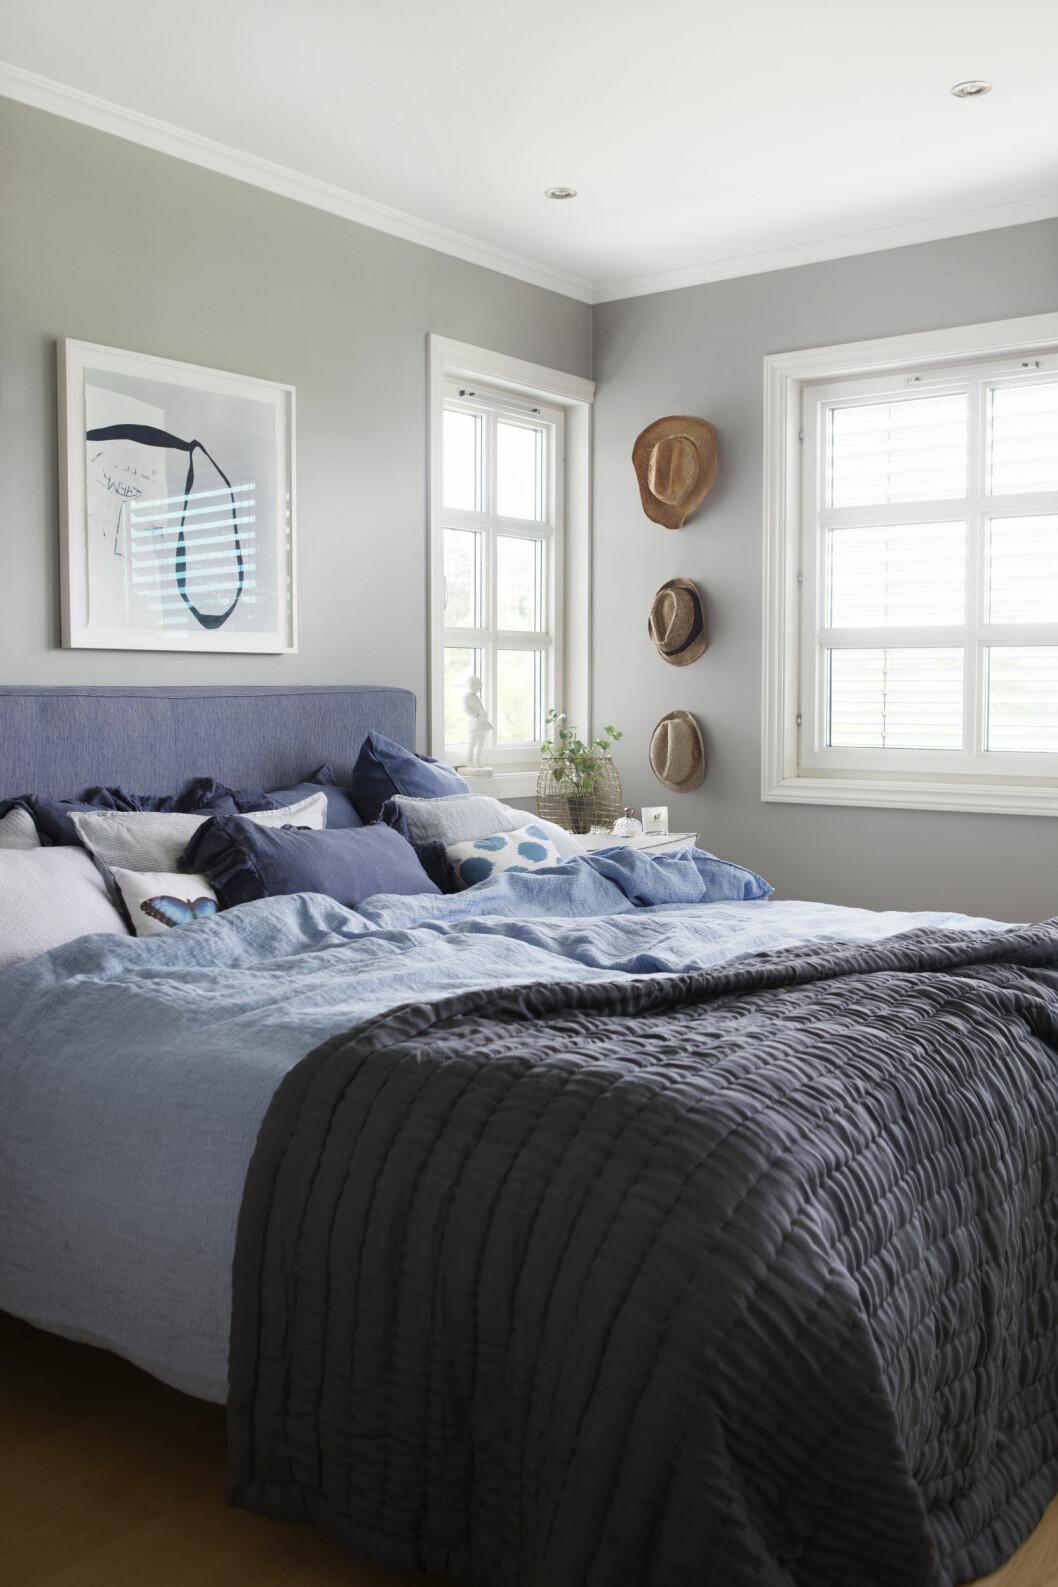 SOVEROMMET: I hovesoverommet er det kjølige blåfarger og seng fra Dux. Kunst av Magne Furuholmen. Foto: Yvonne Wilhelmsen